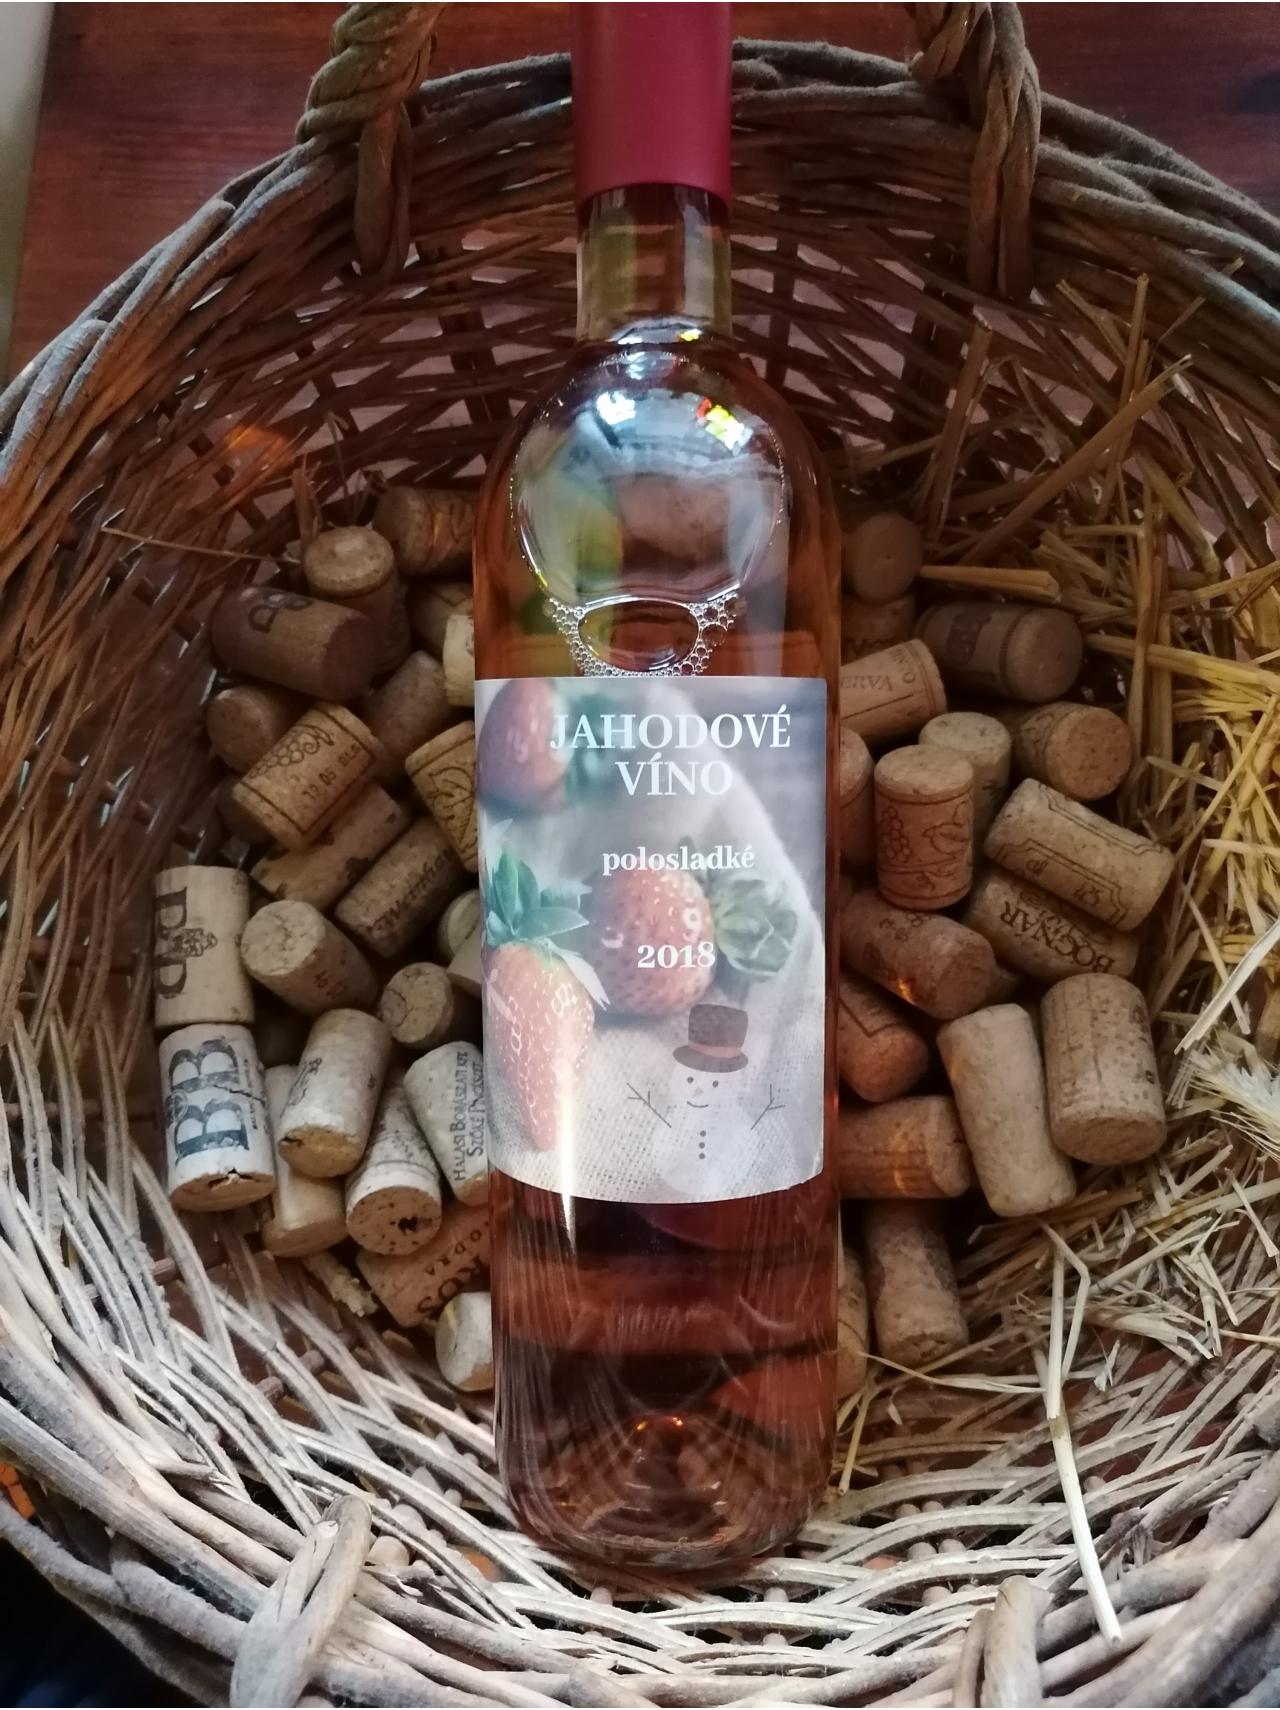 Jahodové víno polosladké 2018